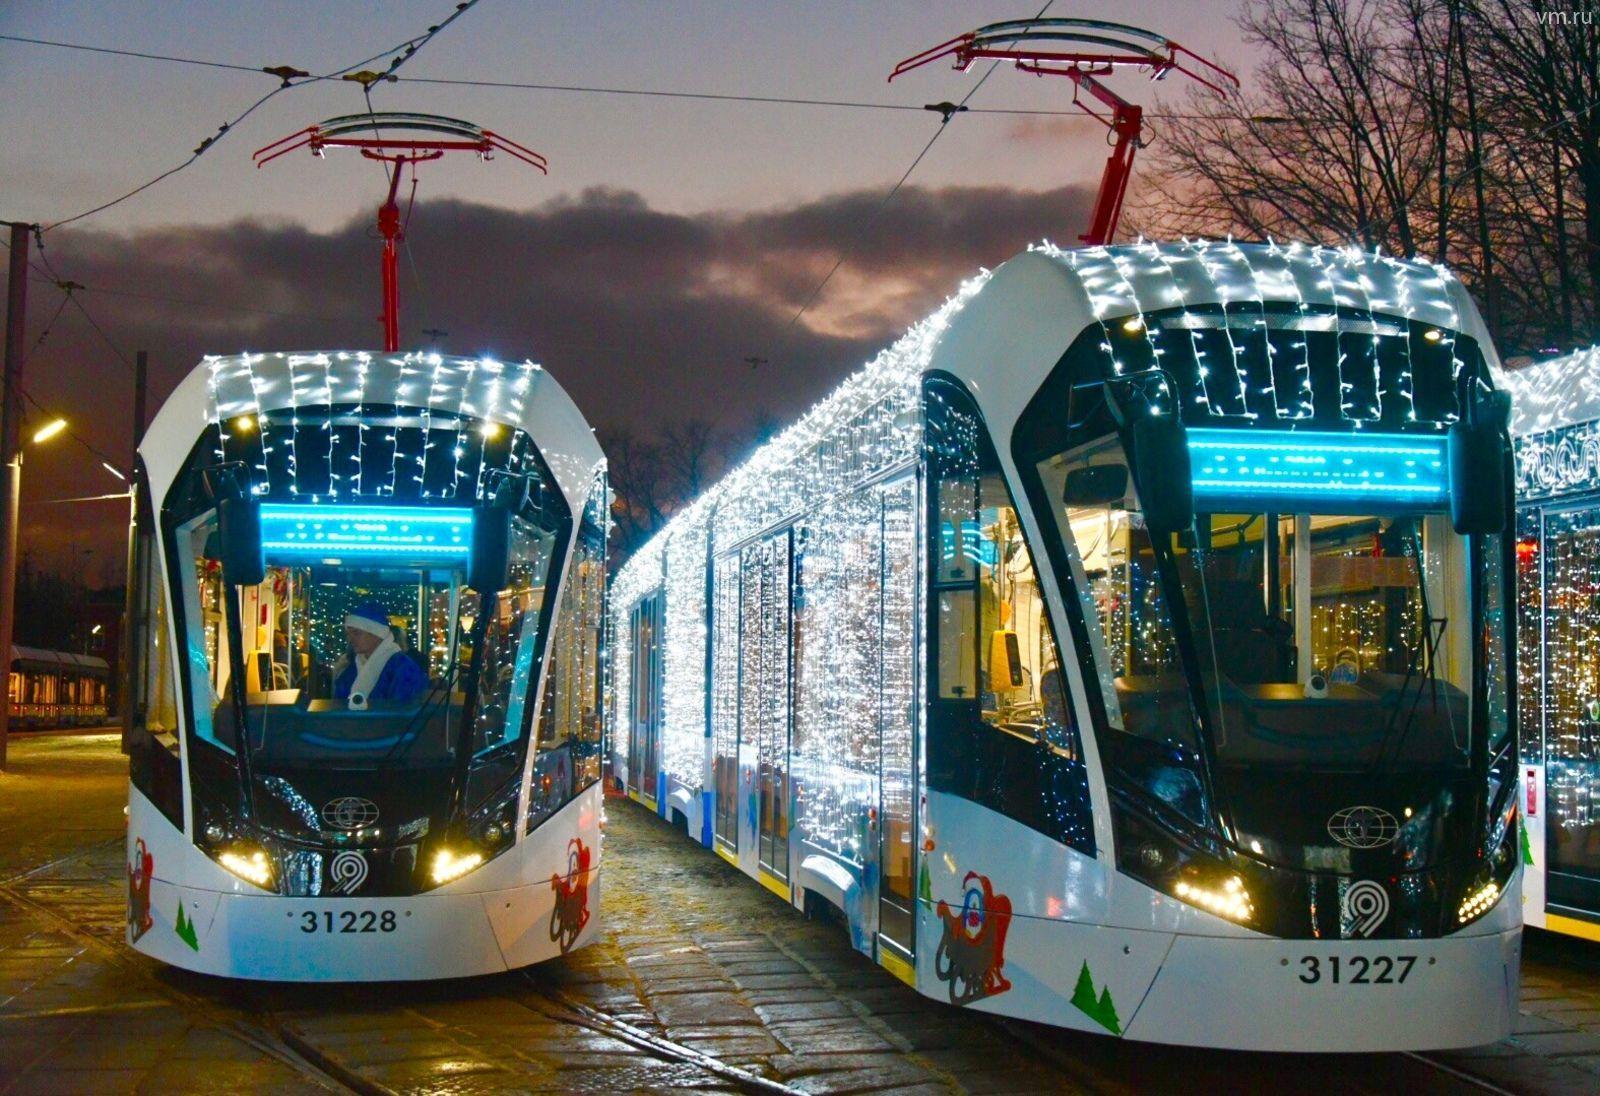 Москвичи смогут воспользоваться общественным транспортом в рождественскую ночь